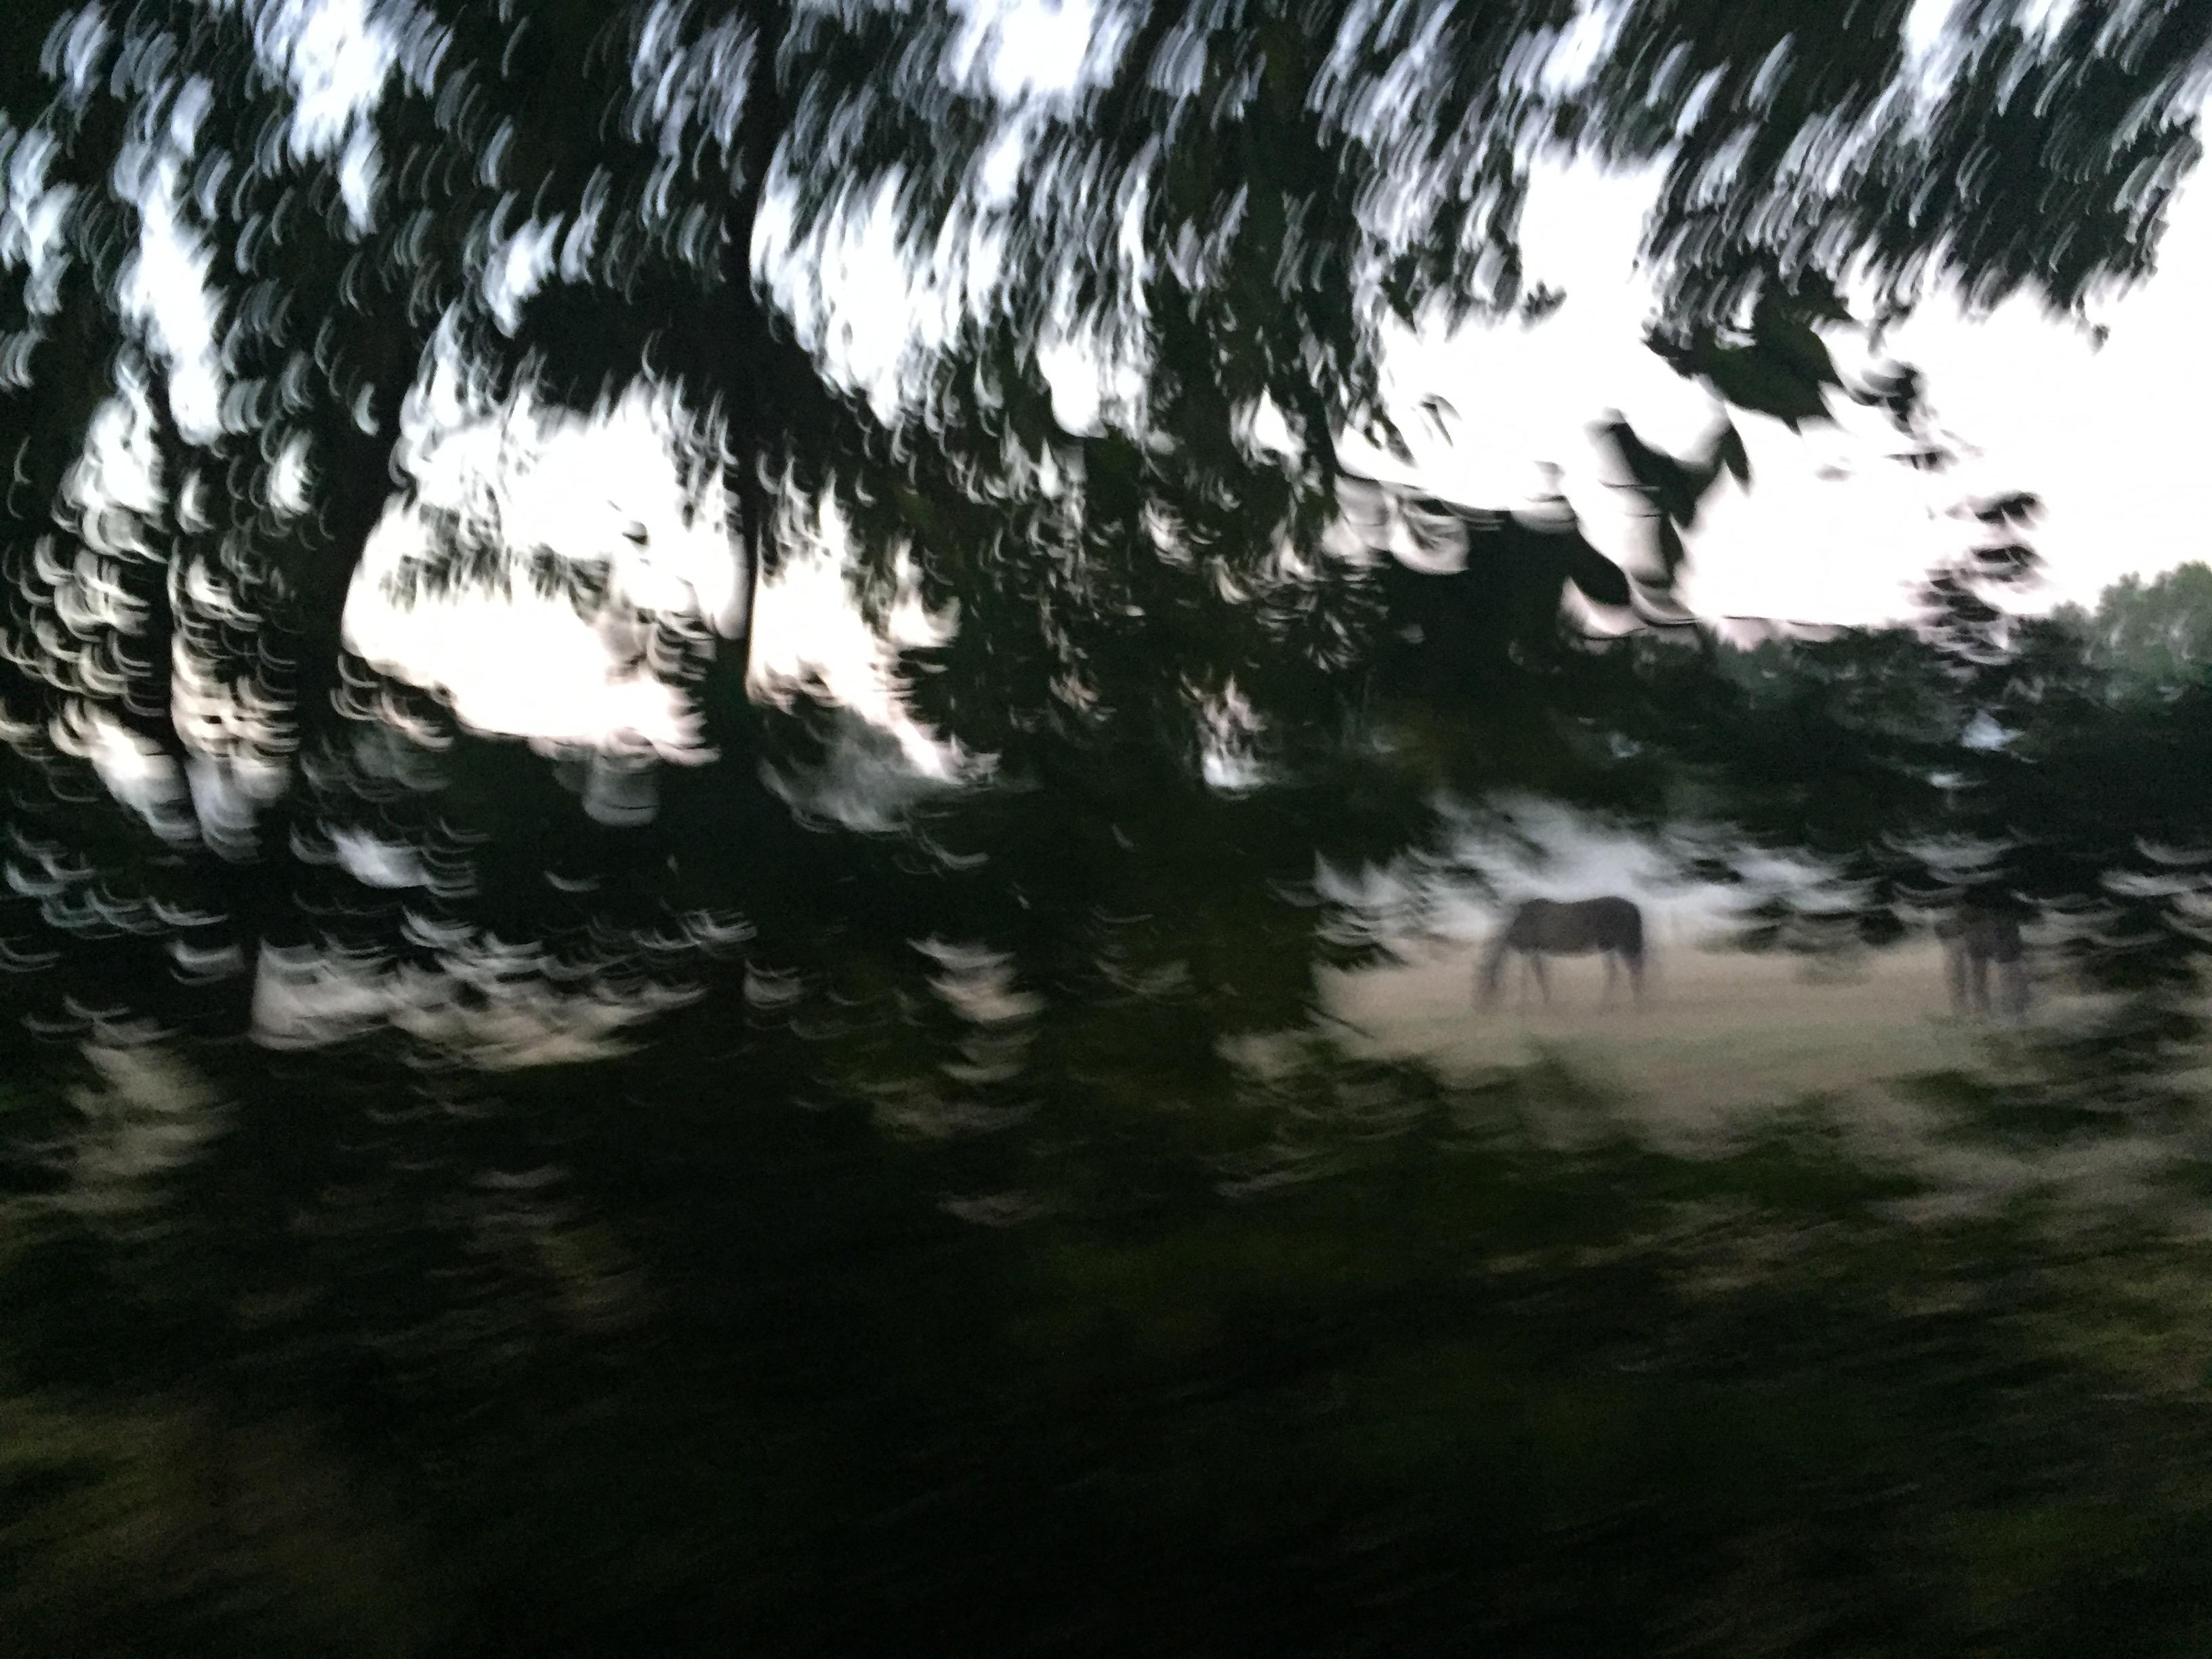 Neuer Stoff für die Fahrraddebatte: Höchst kriminell und sehr poetisch, ein Pferd im Morgennebel, aufgenommen beim Fahrradfahren.